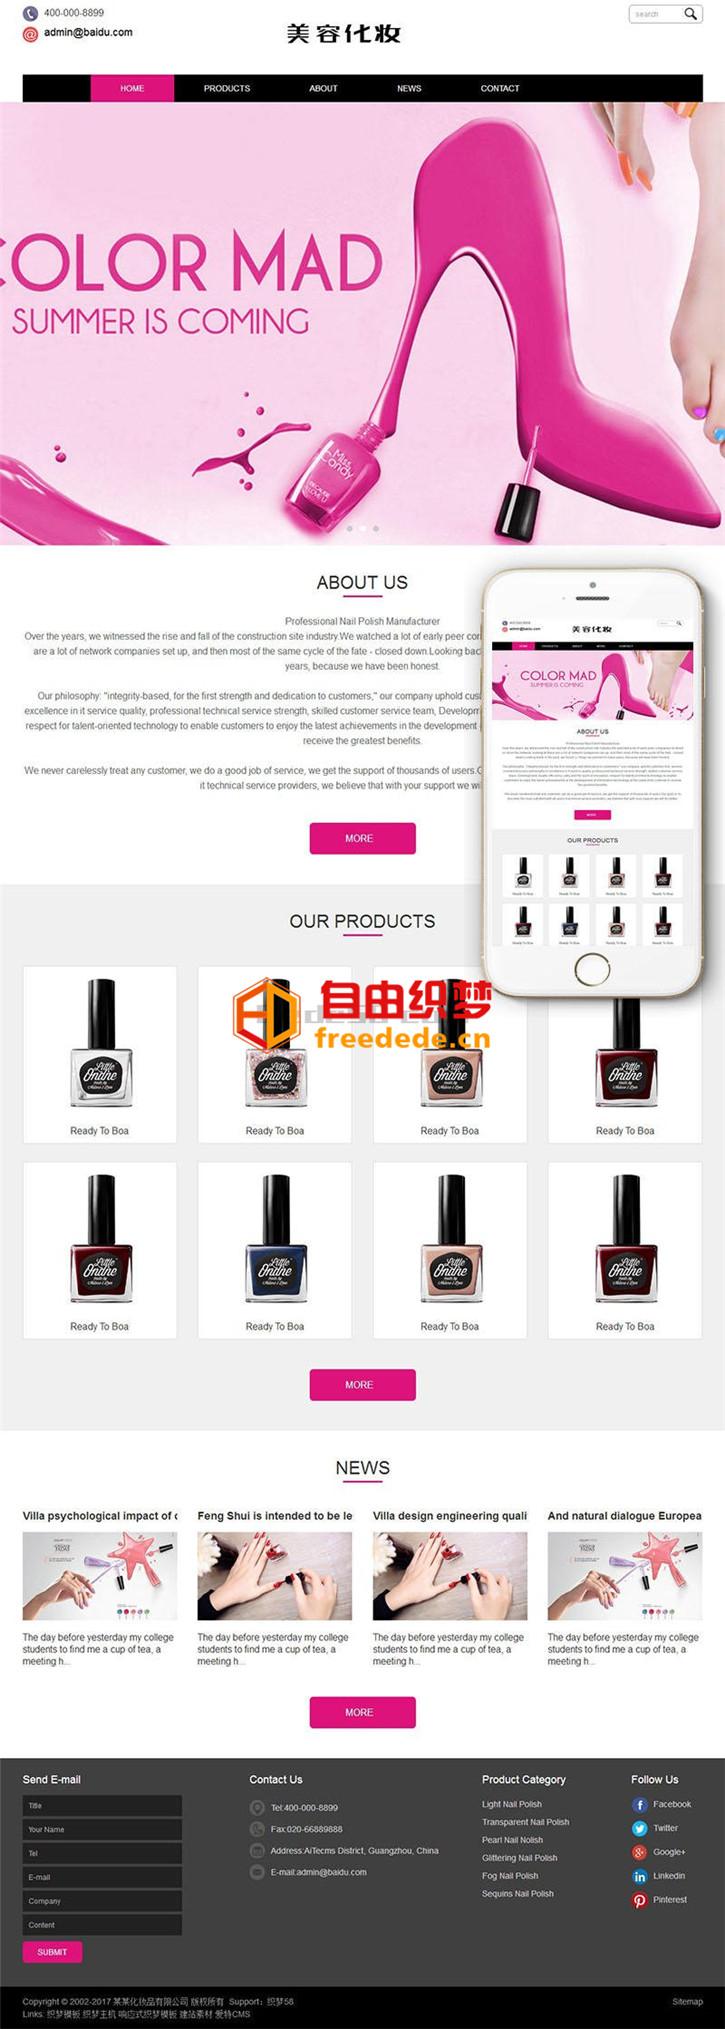 爱上源码网文章dedecms网站源码响应式外贸化妆美容产品网站织梦模板(自适应手机端)的内容插图